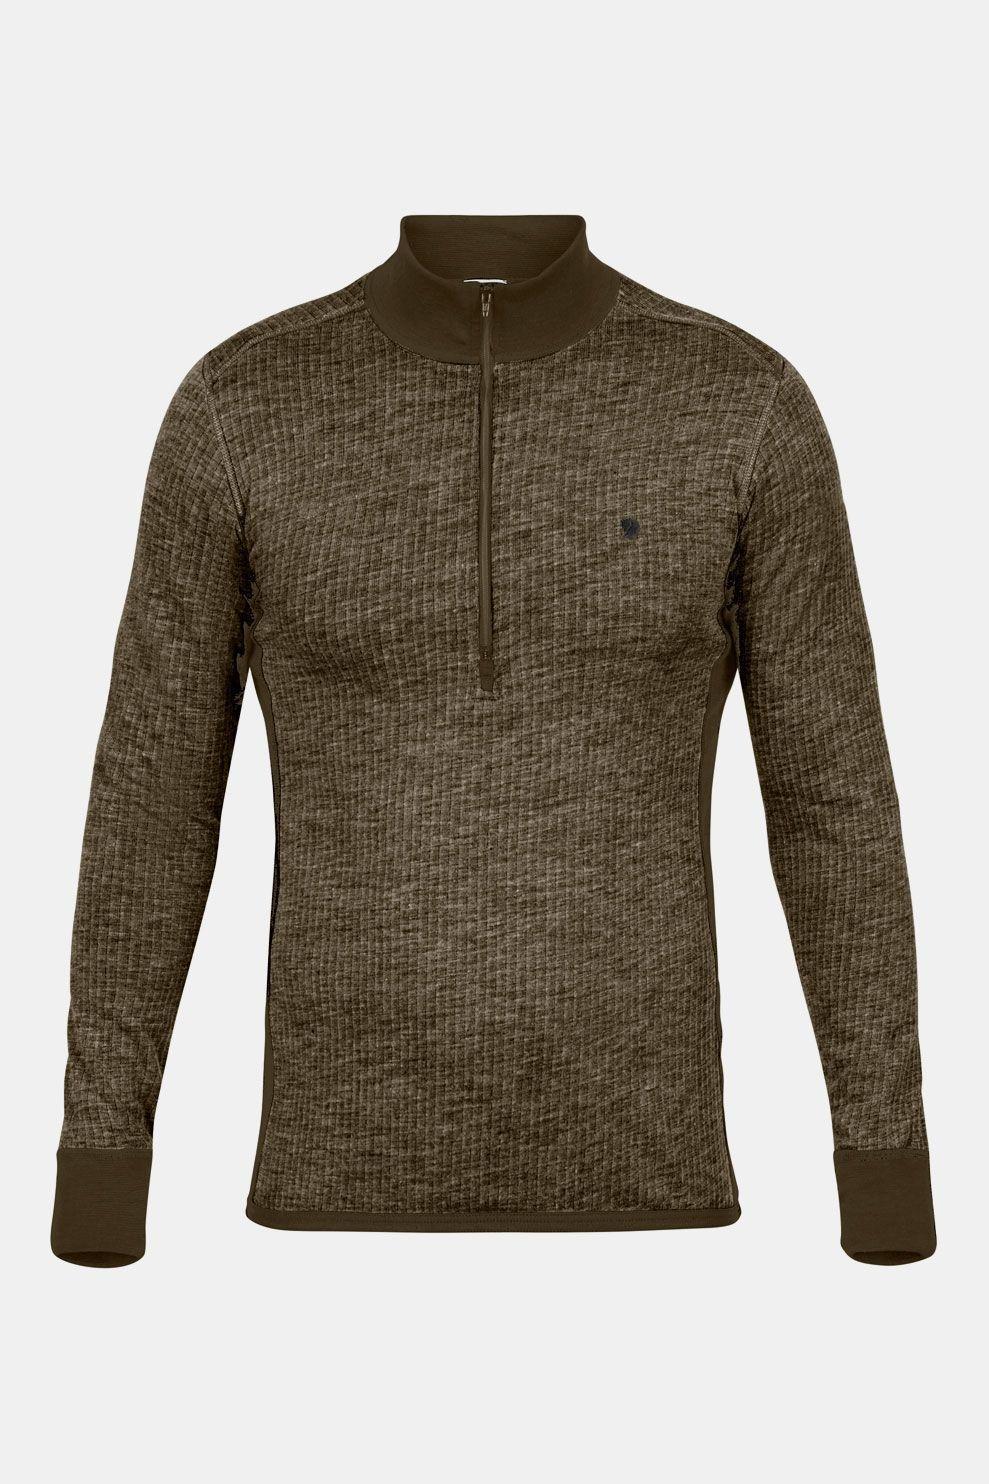 Fjällräven Värmland Woolterry Half Zip Shirt Donkerkaki